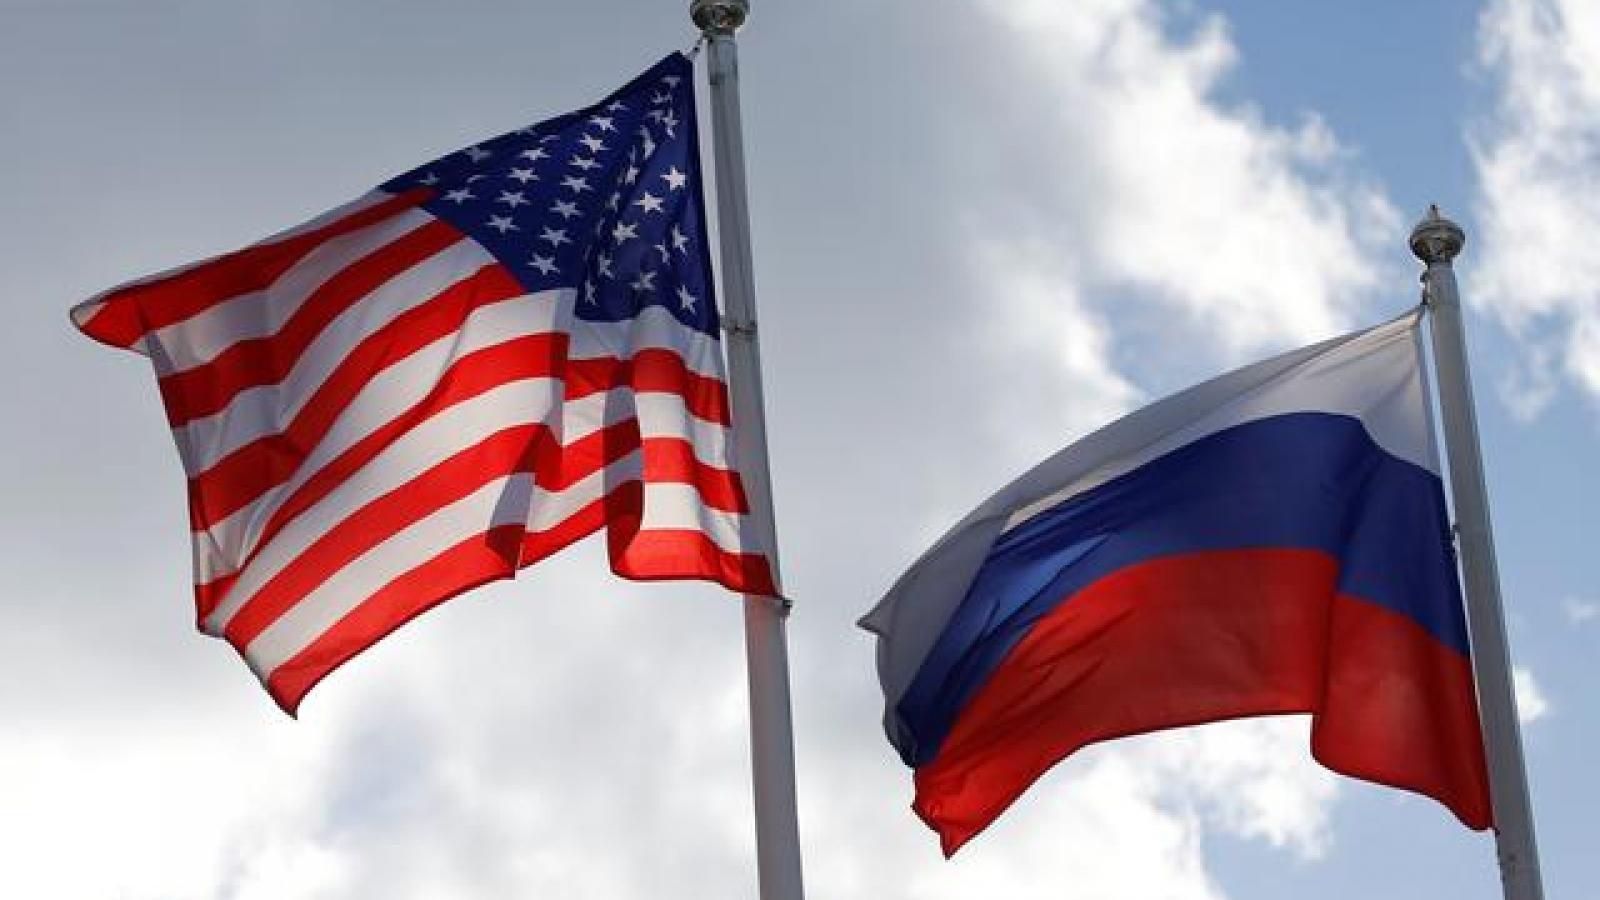 Quốc tế hoan nghênh Mỹ và Nga gia hạn Hiệp ước New START